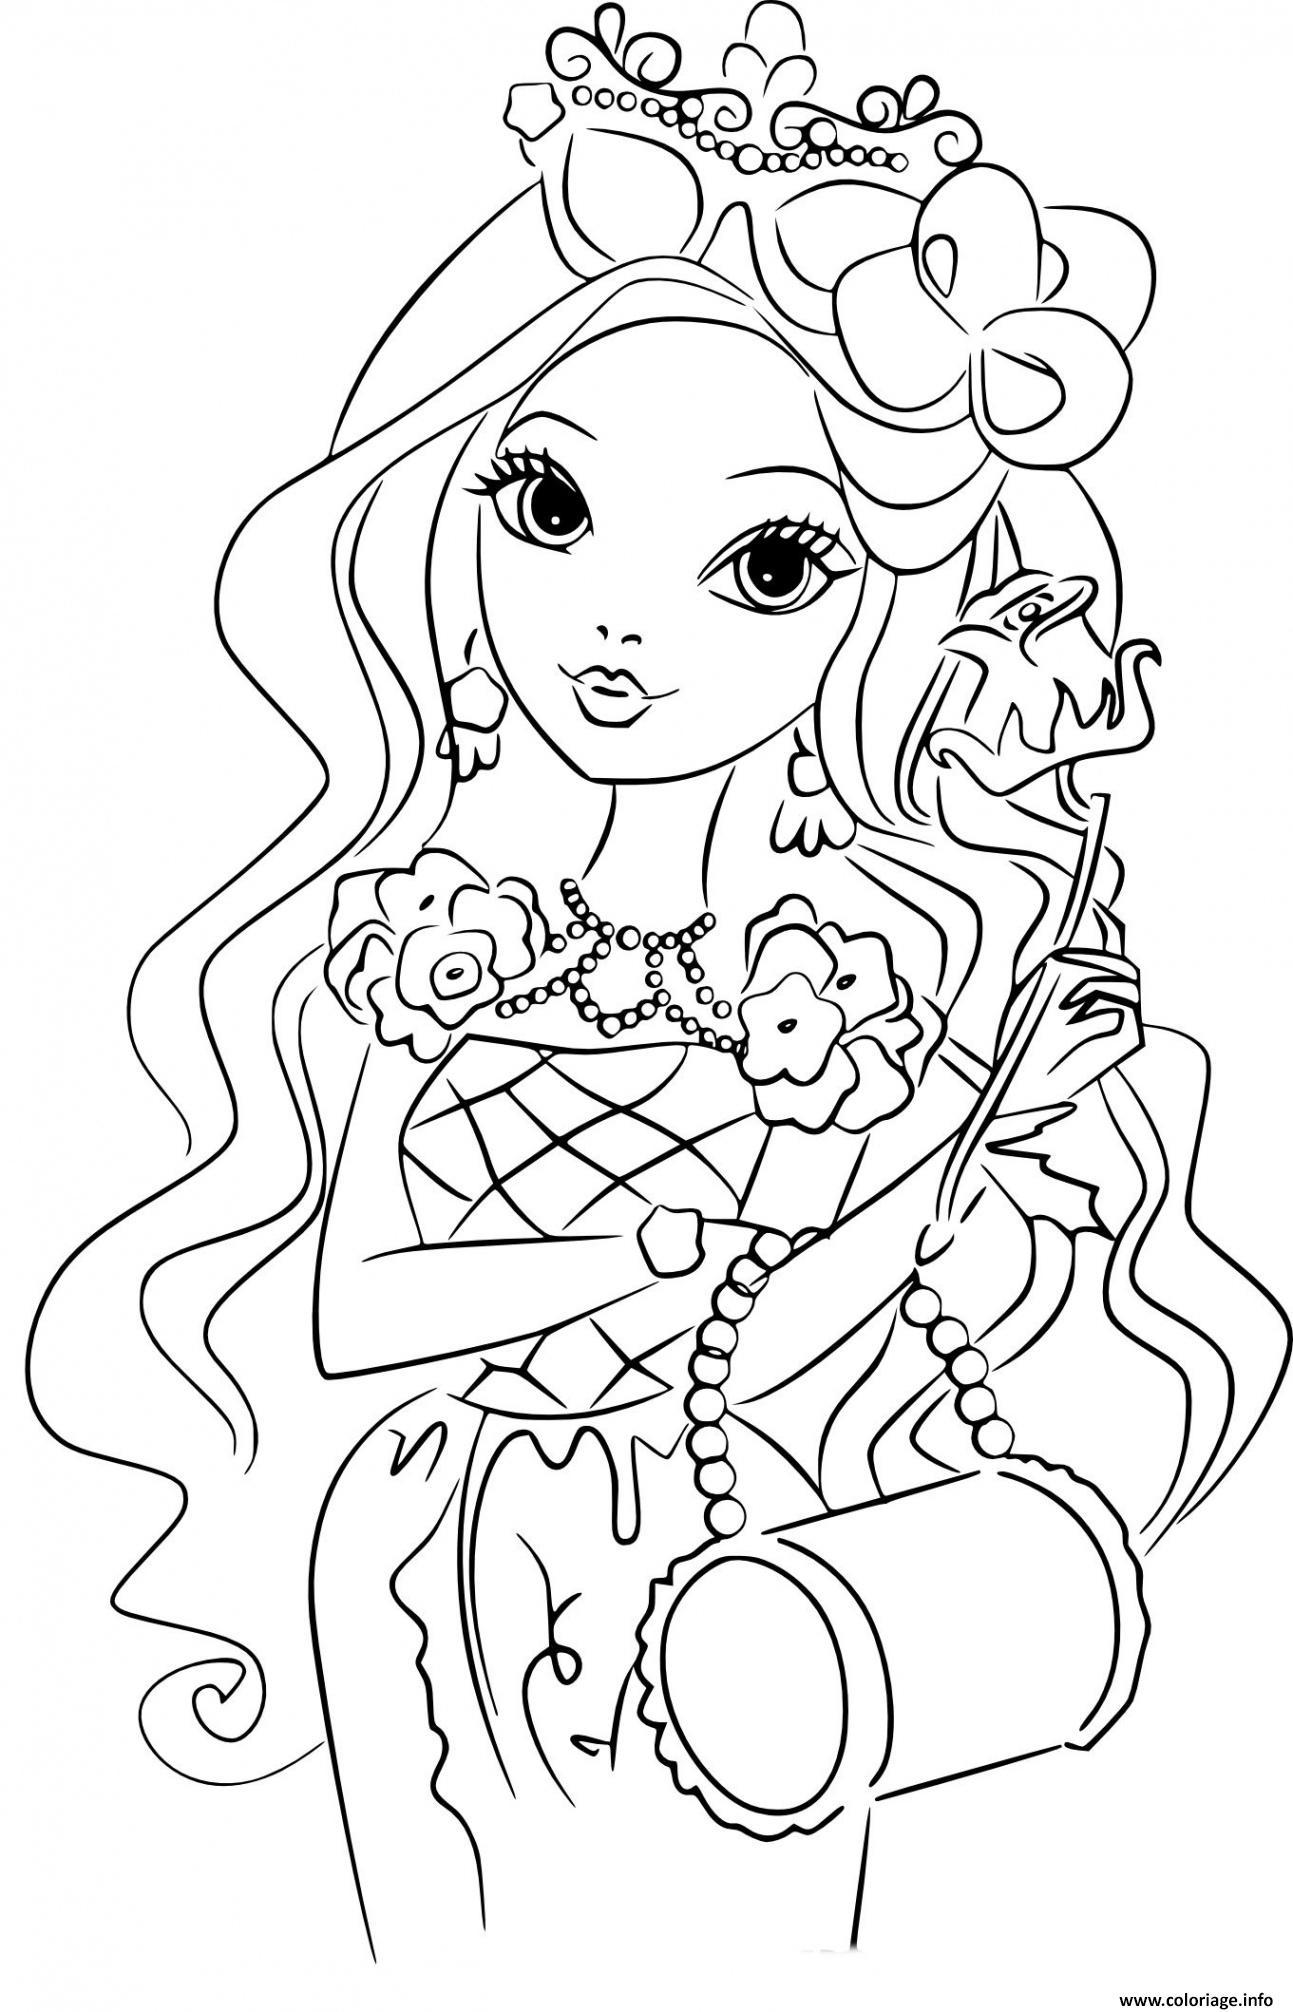 Dessin fille 8 ans barbie bimbo fashion Coloriage Gratuit à Imprimer